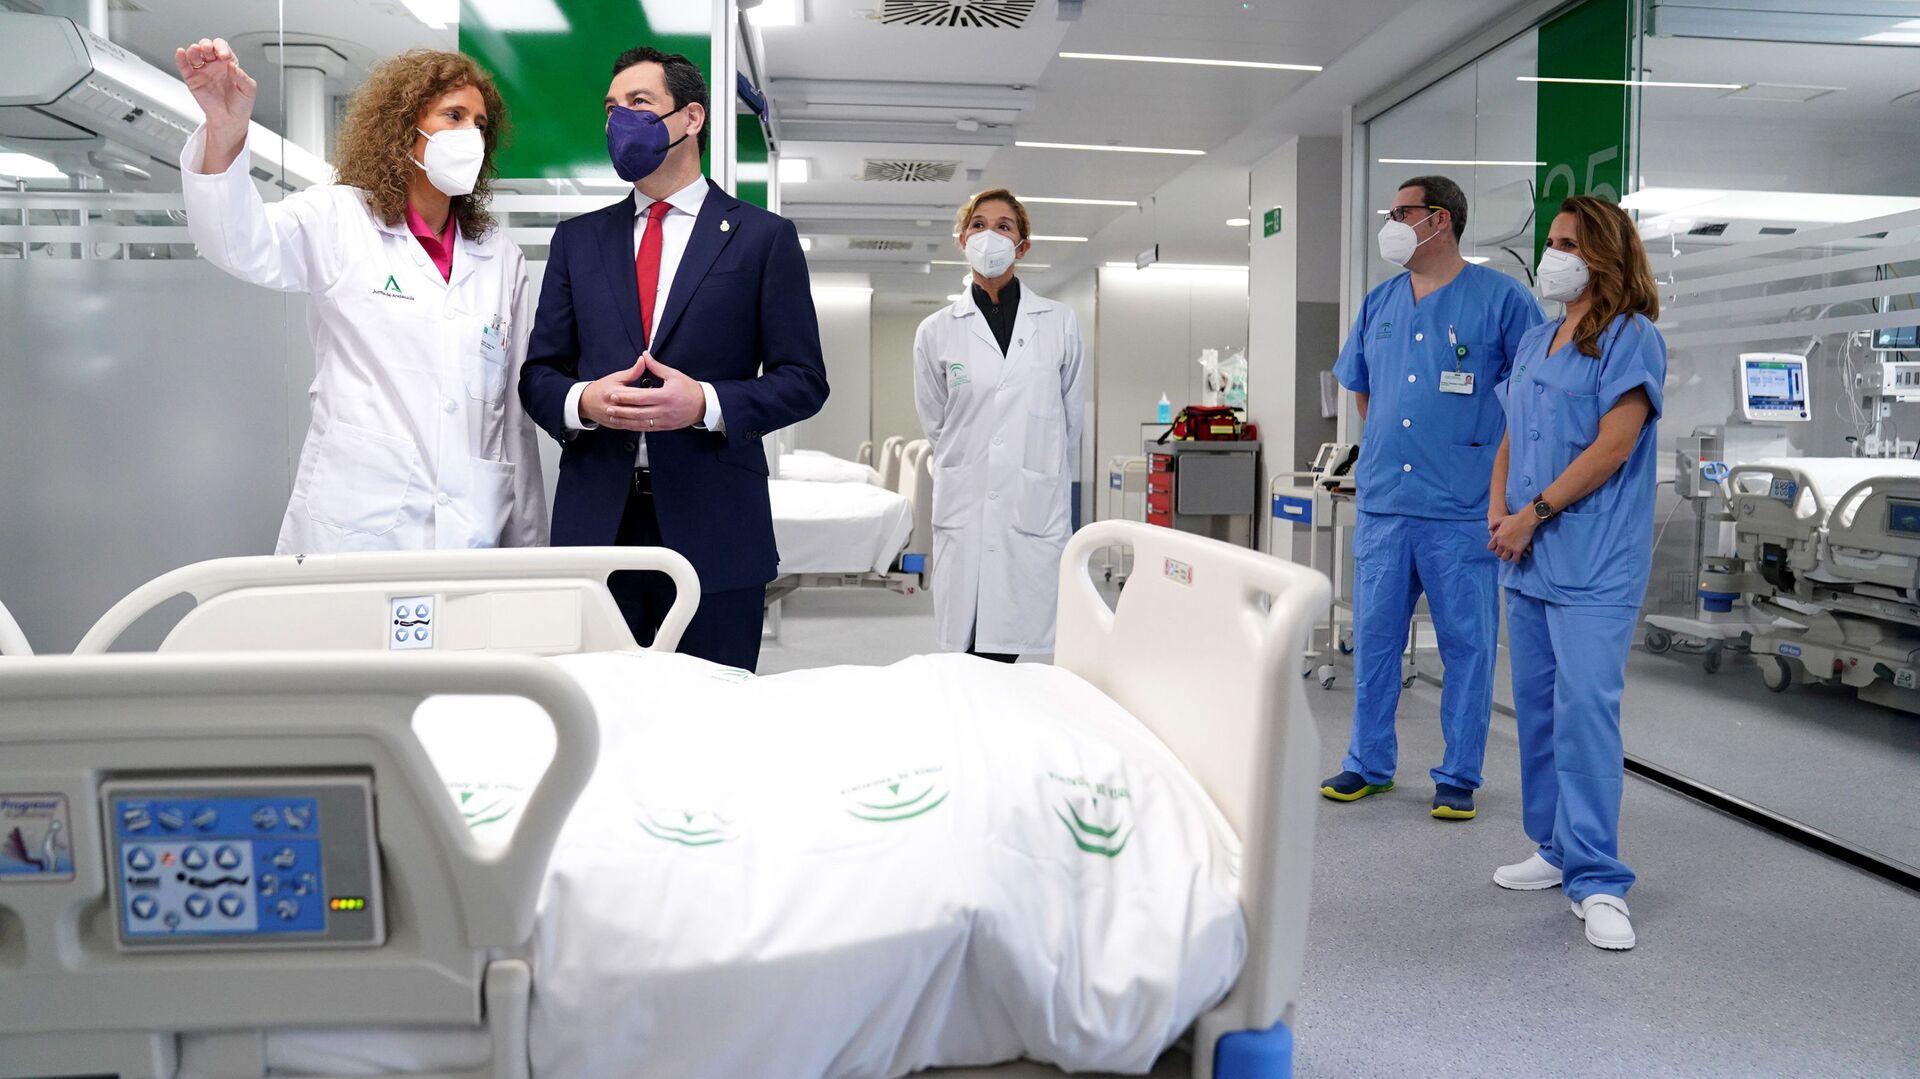 El presidente andaluz, Juanma Moreno, en el Hospital Militar de Sevilla - Sputnik Mundo, 1920, 31.03.2021